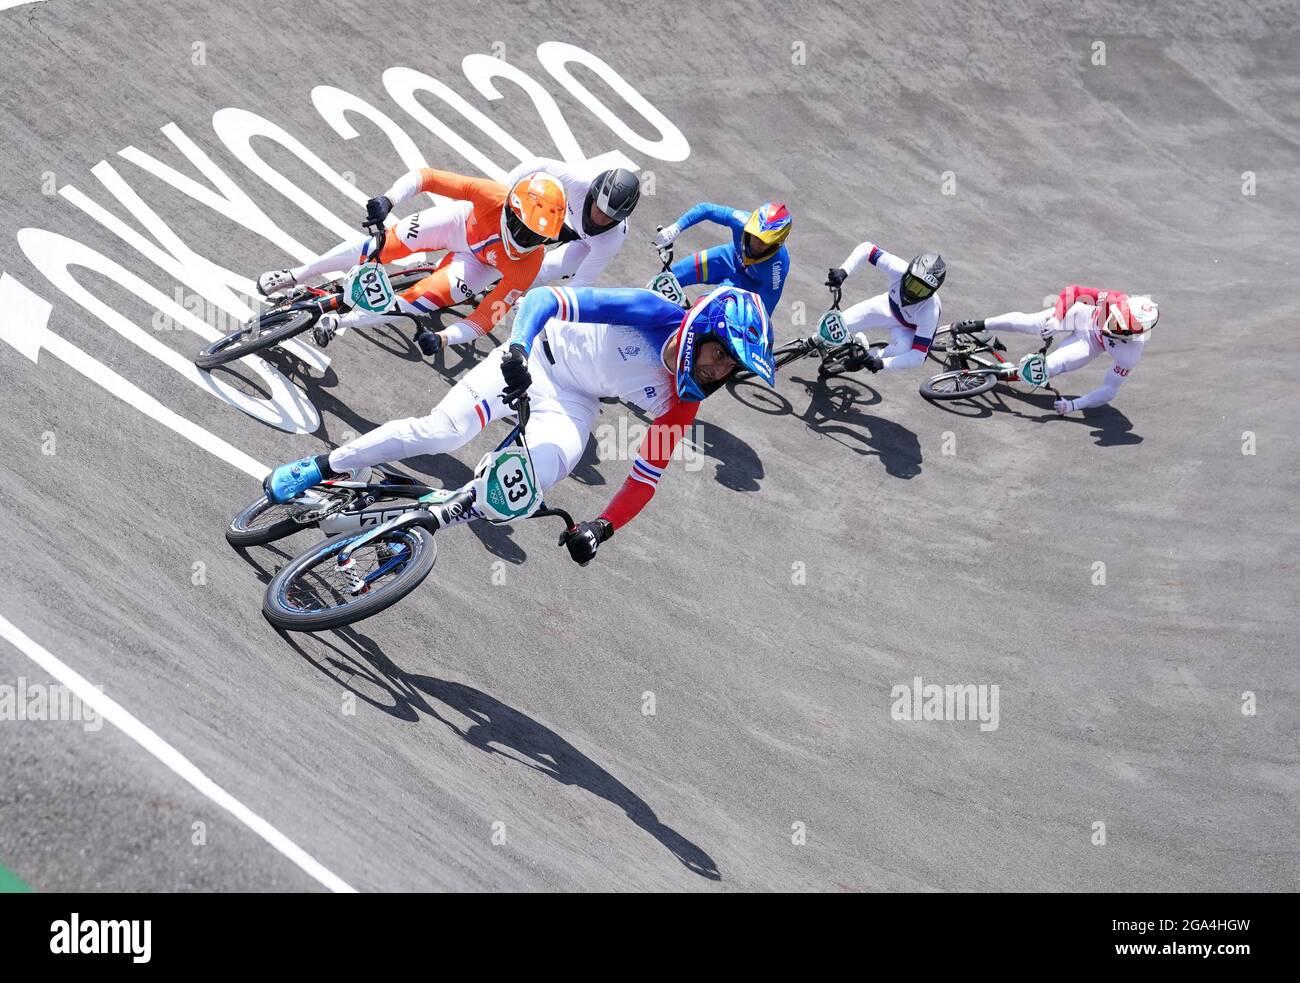 Simon Marquart (a destra), in Svizzera, cade nei quarti di finale BMX Men's Run 3 Heat 3 all'Ariake Urban Sports Park il sesto giorno dei Giochi Olimpici di Tokyo 2020 in Giappone. Data immagine: Giovedì 29 luglio 2021. Foto Stock